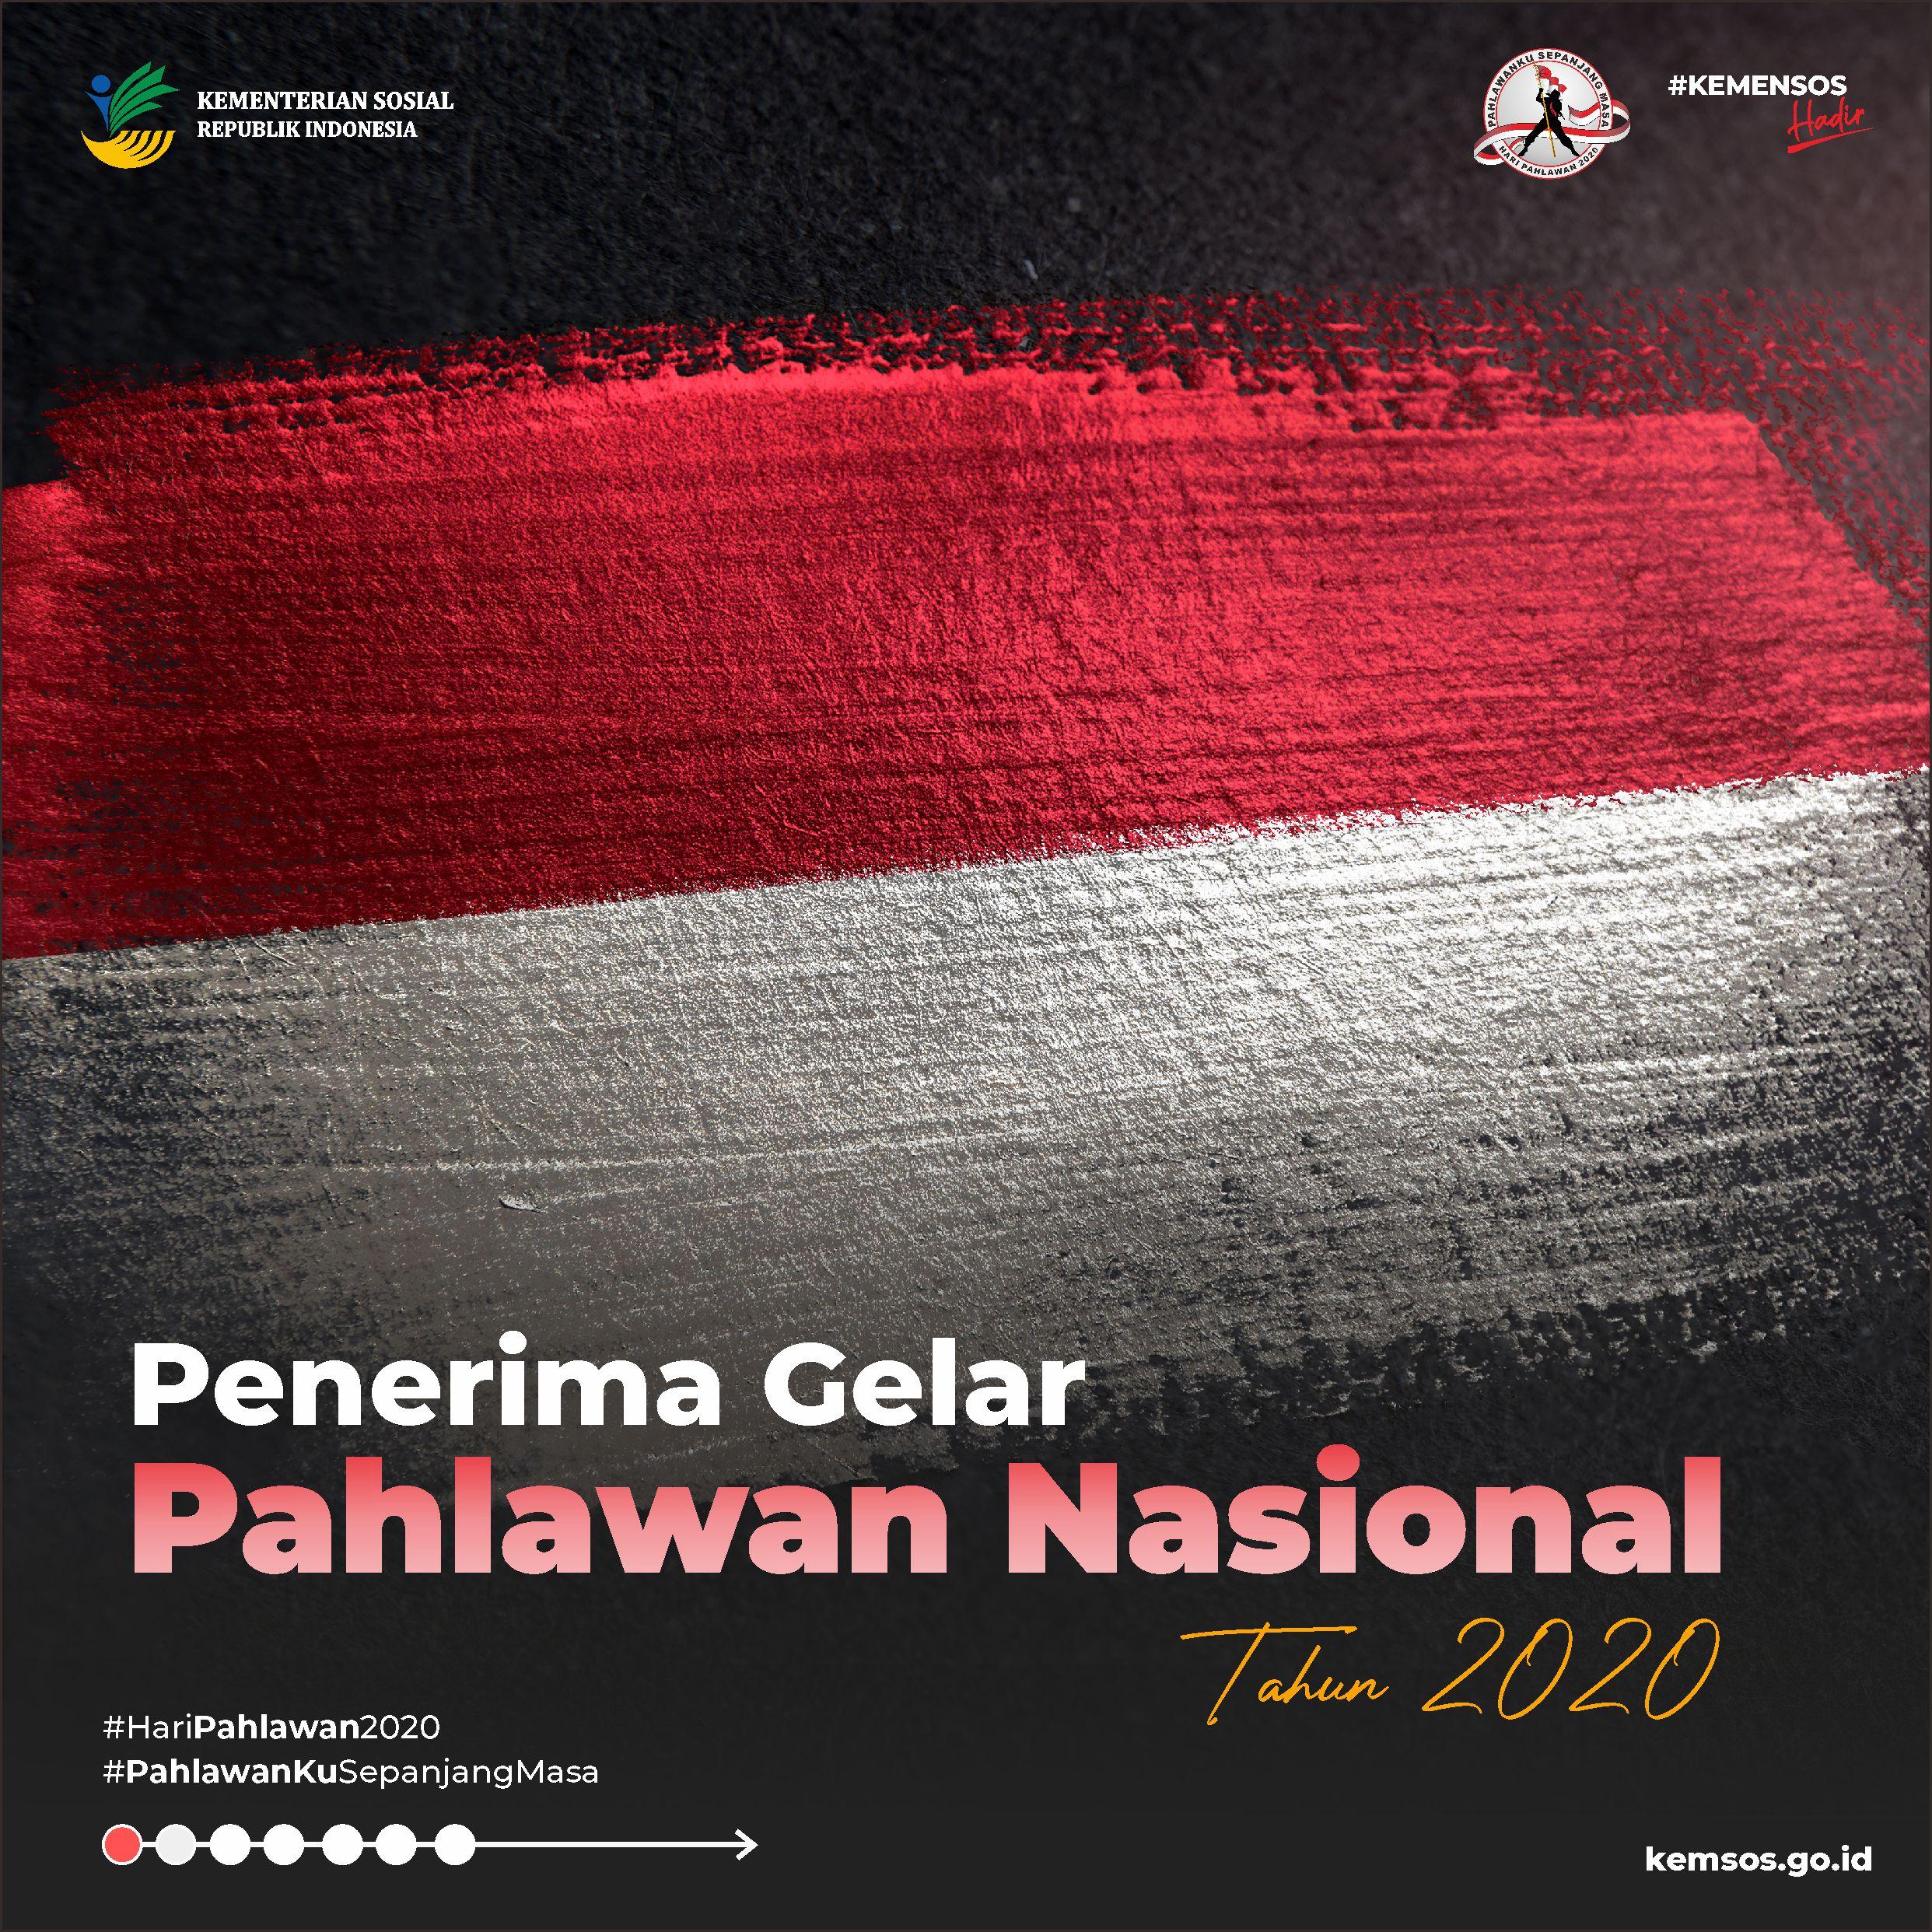 Penerima Gelar Pahlawan Nasional Tahun 2020